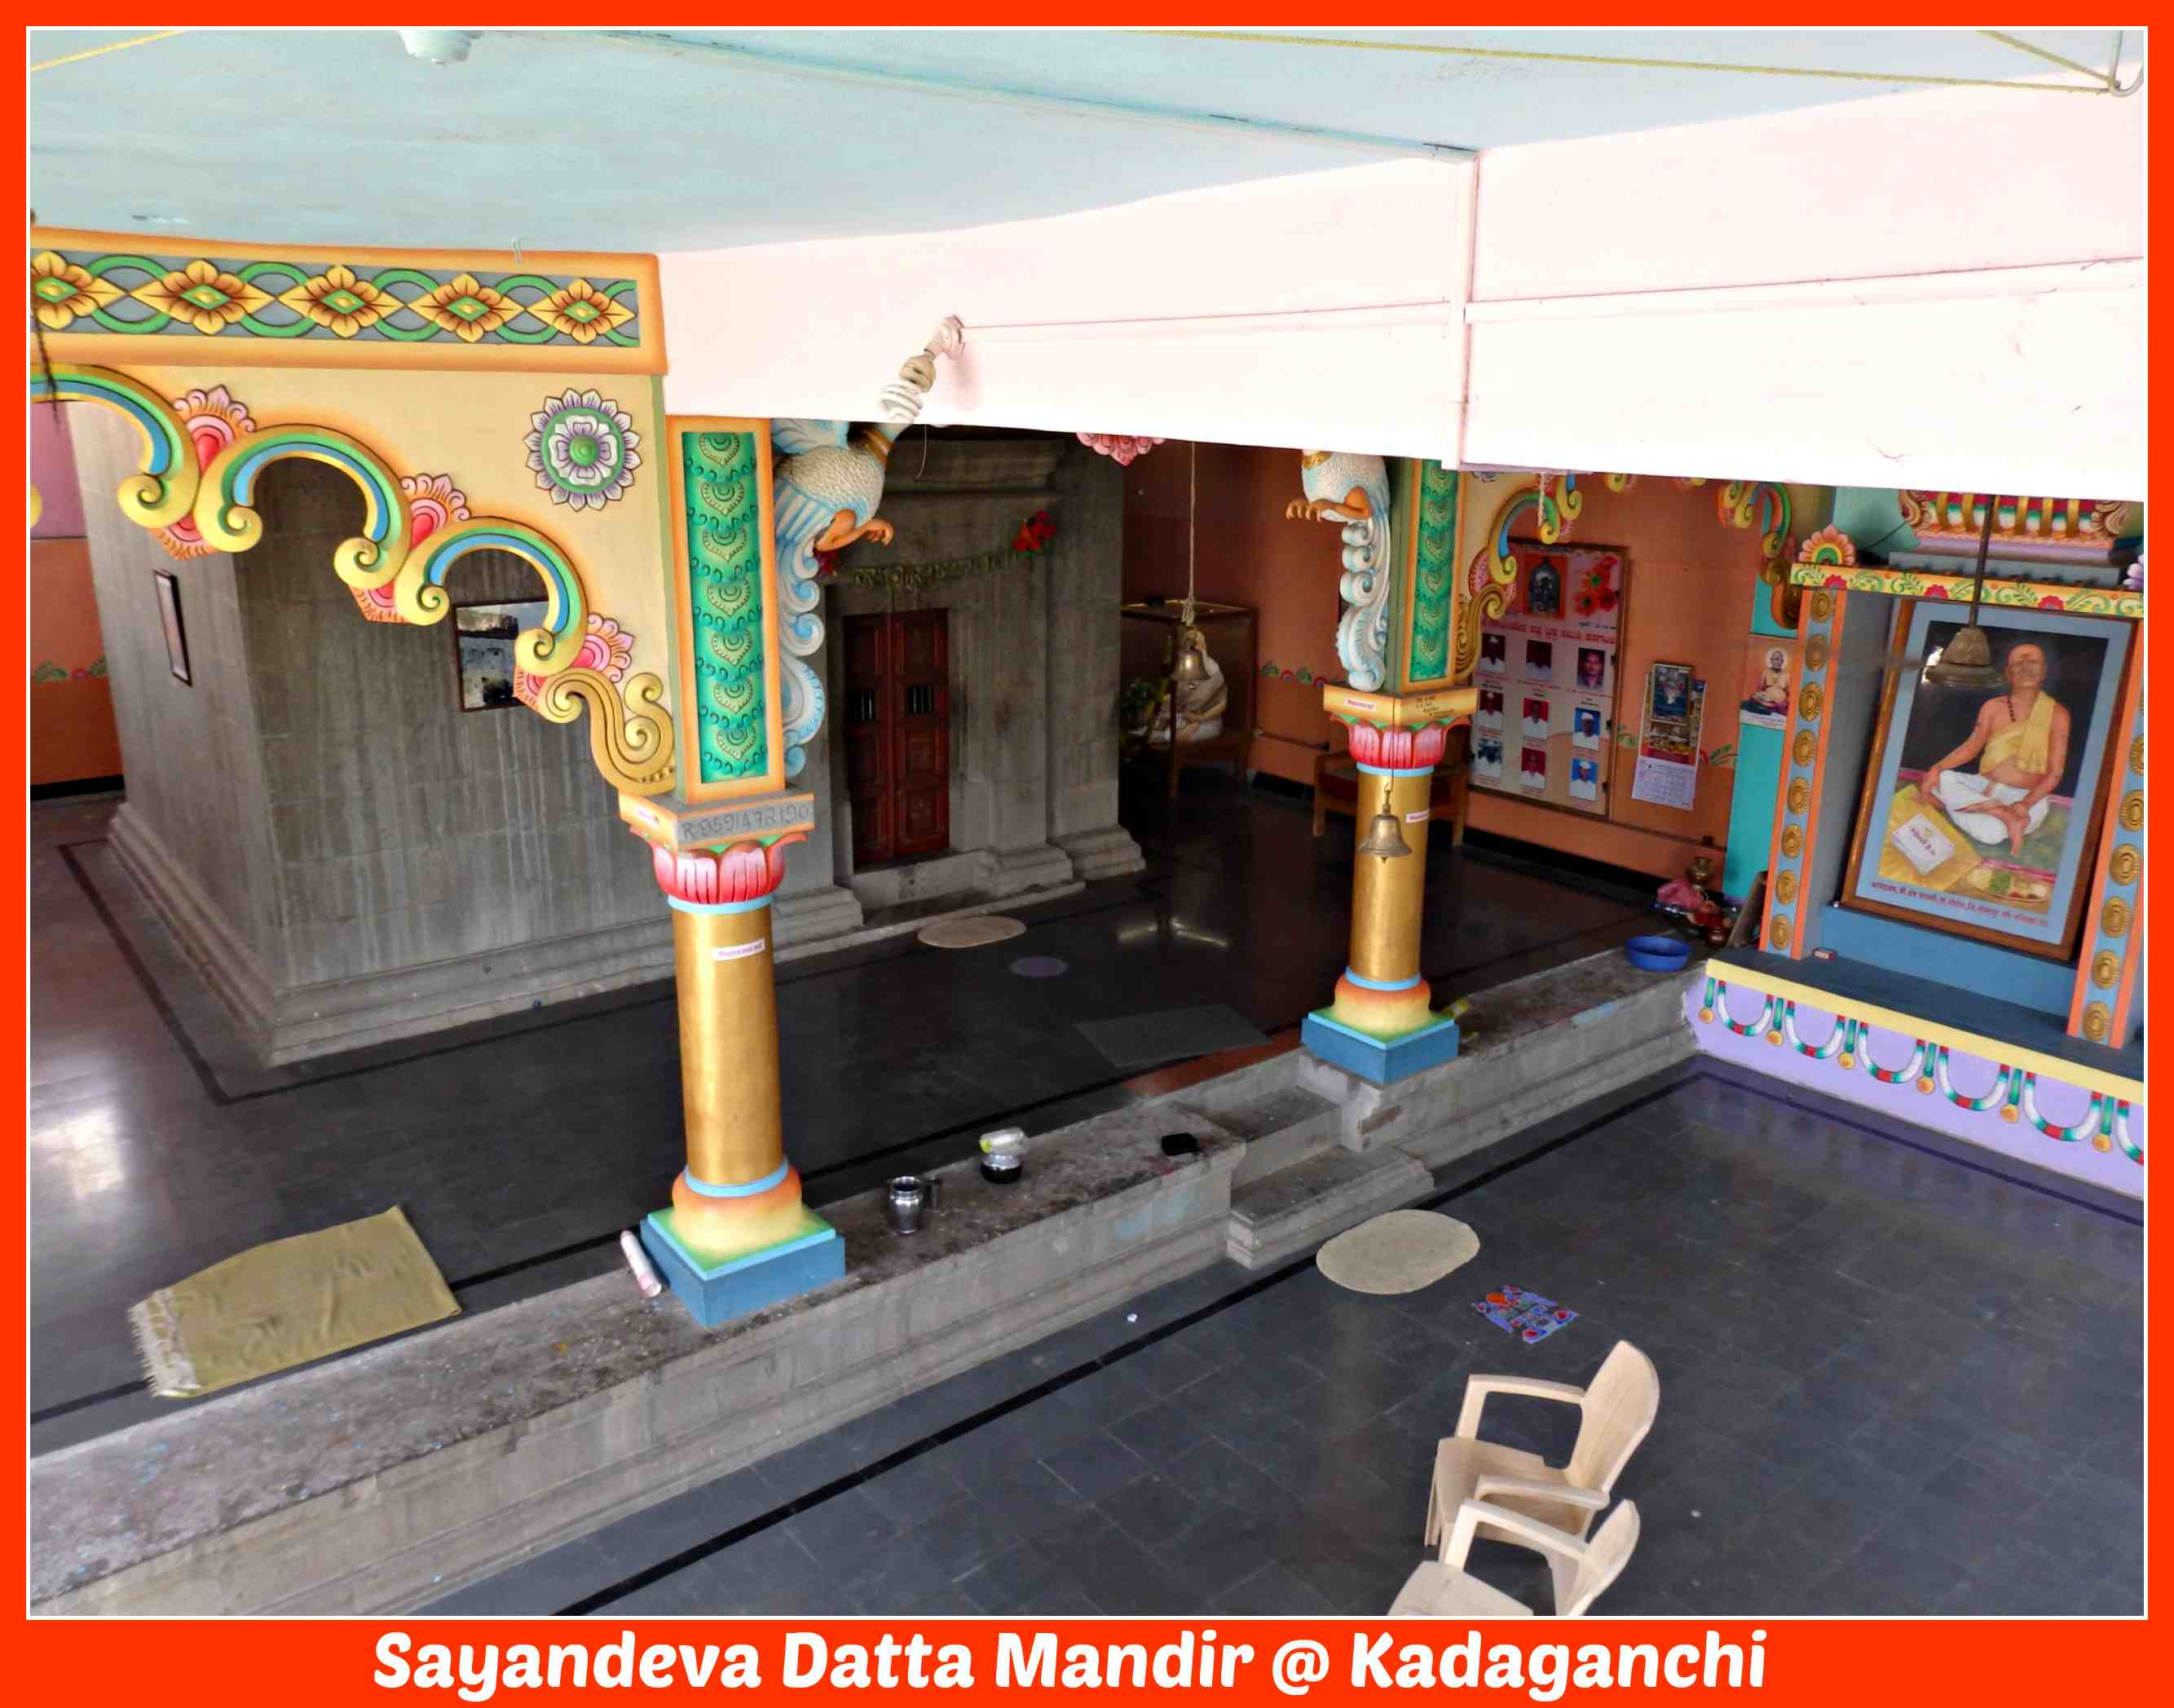 Sri Kshetra Kadaganchi Datta Mandir